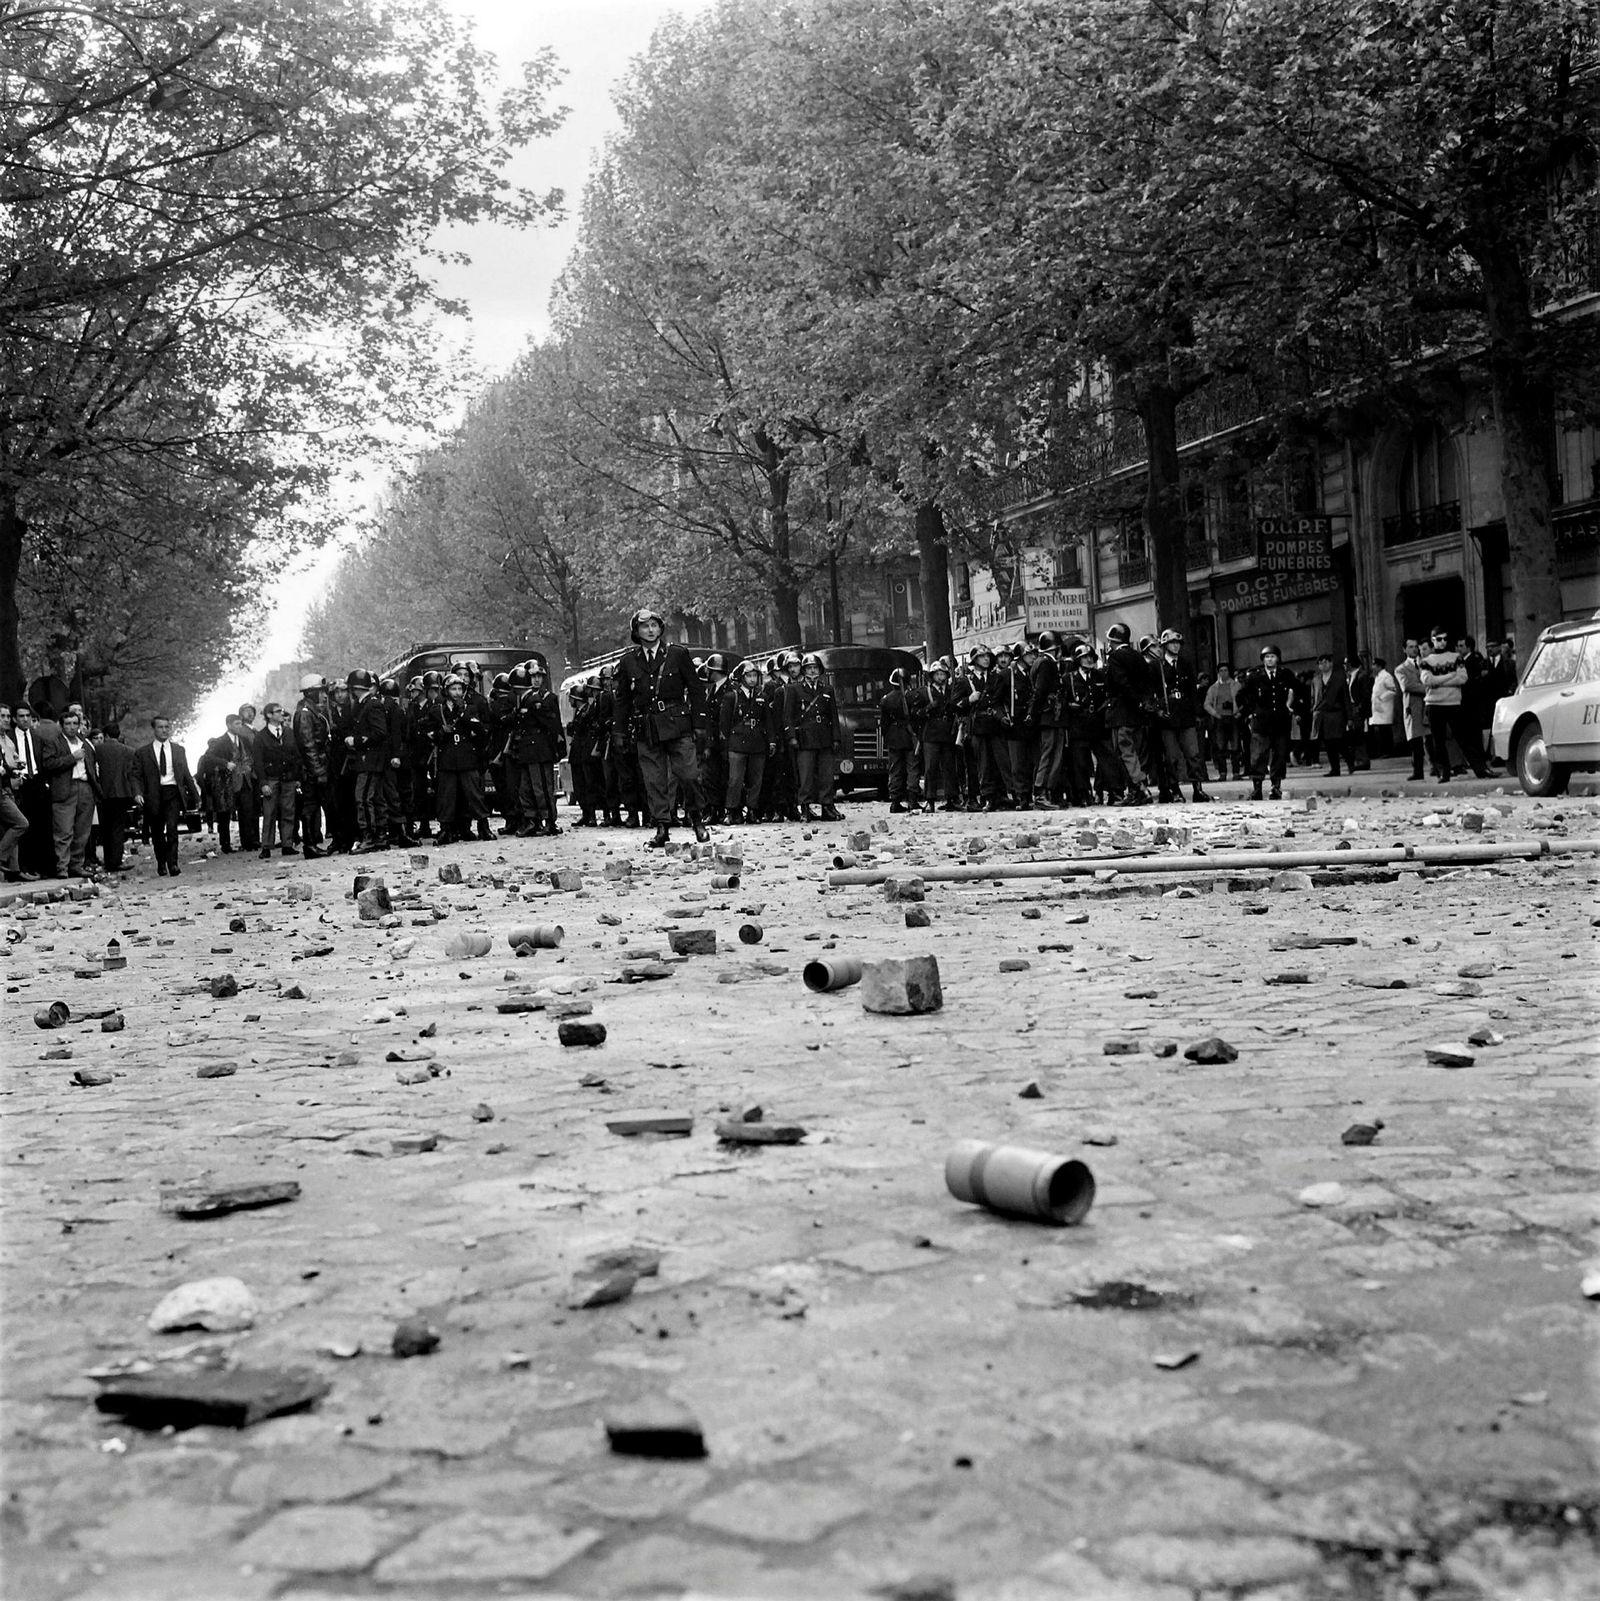 Politiet har tatt oppstilling på Boulevard Saint-Germain.